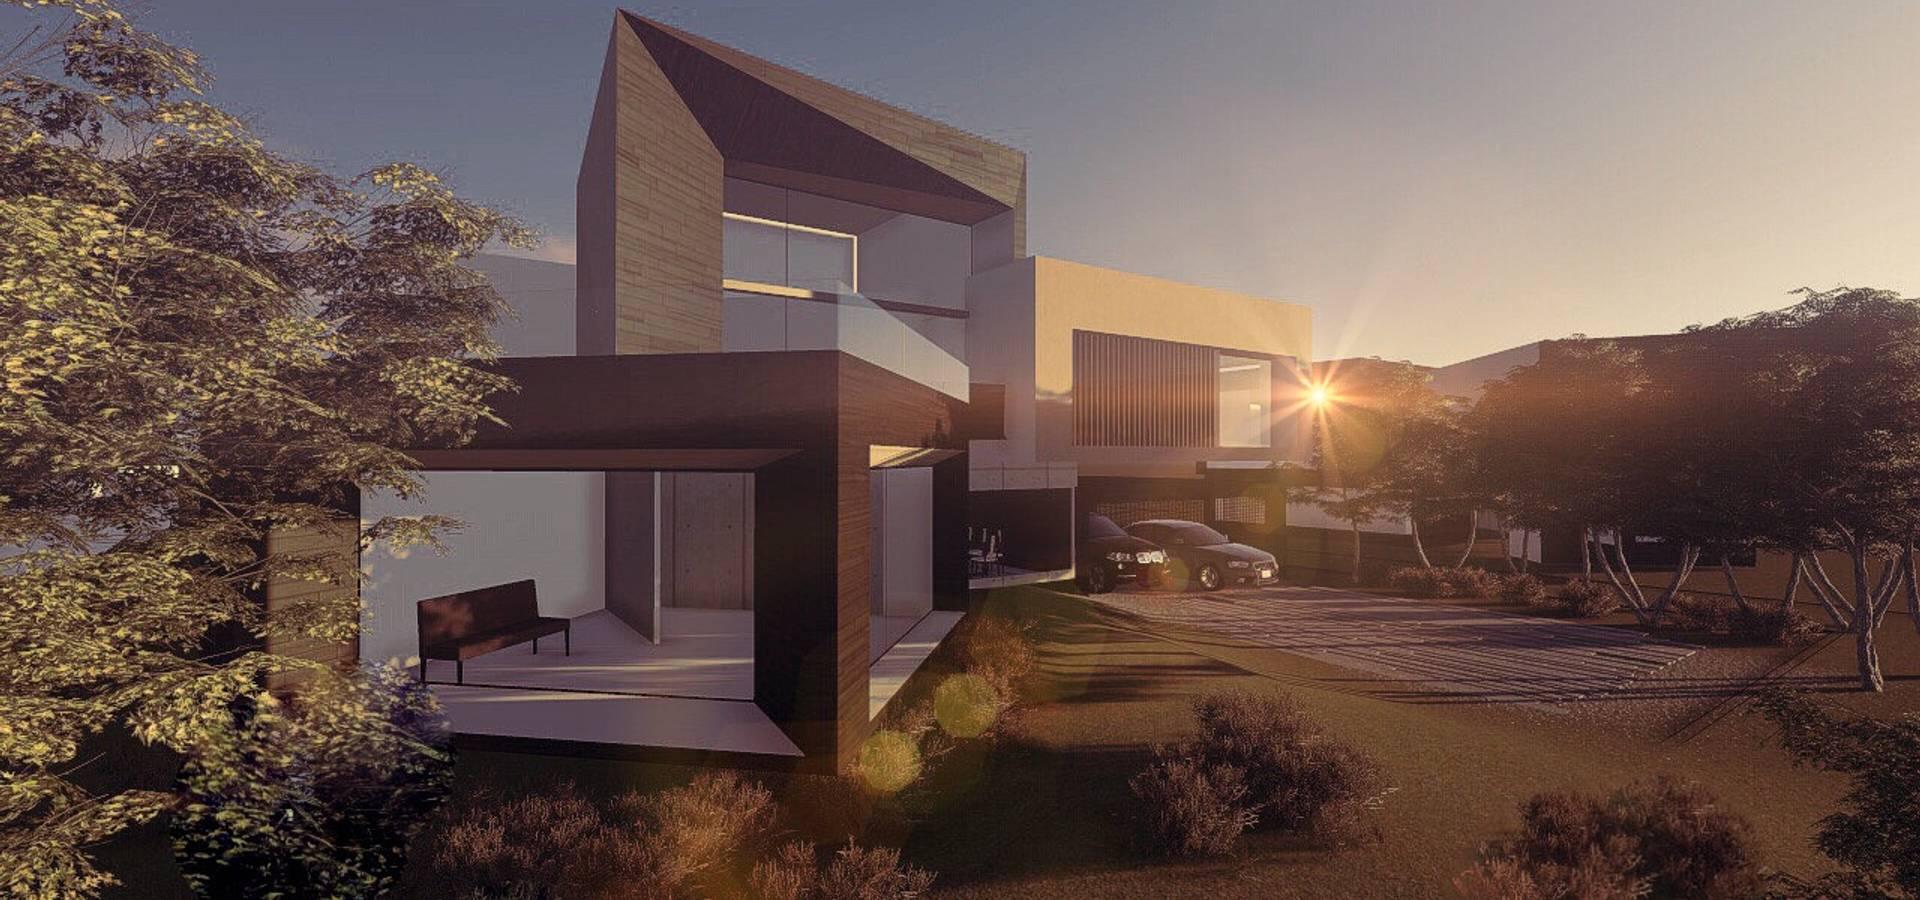 Agen Arquitectos